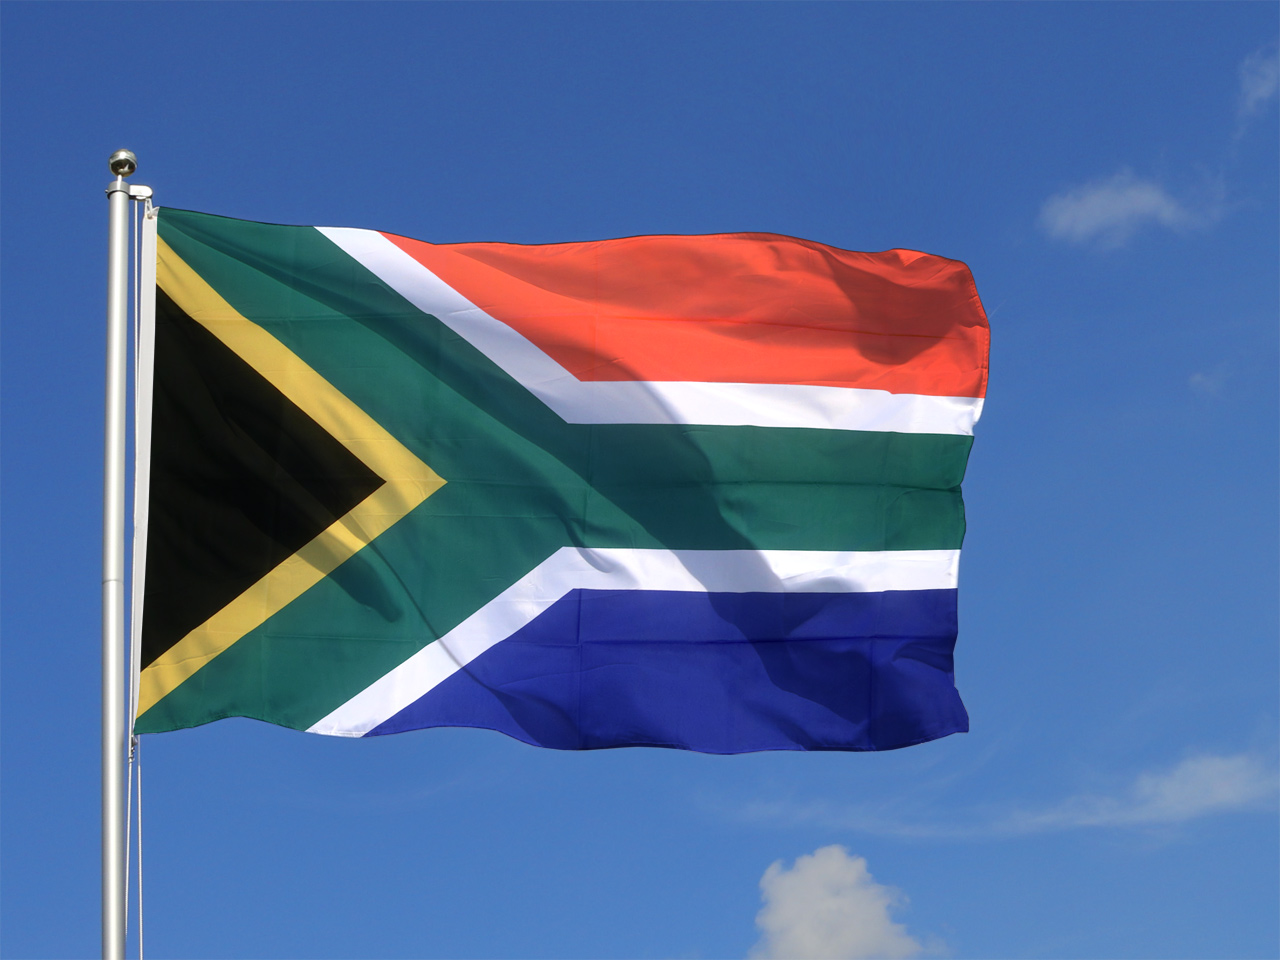 afrique-du-sud-drapeau